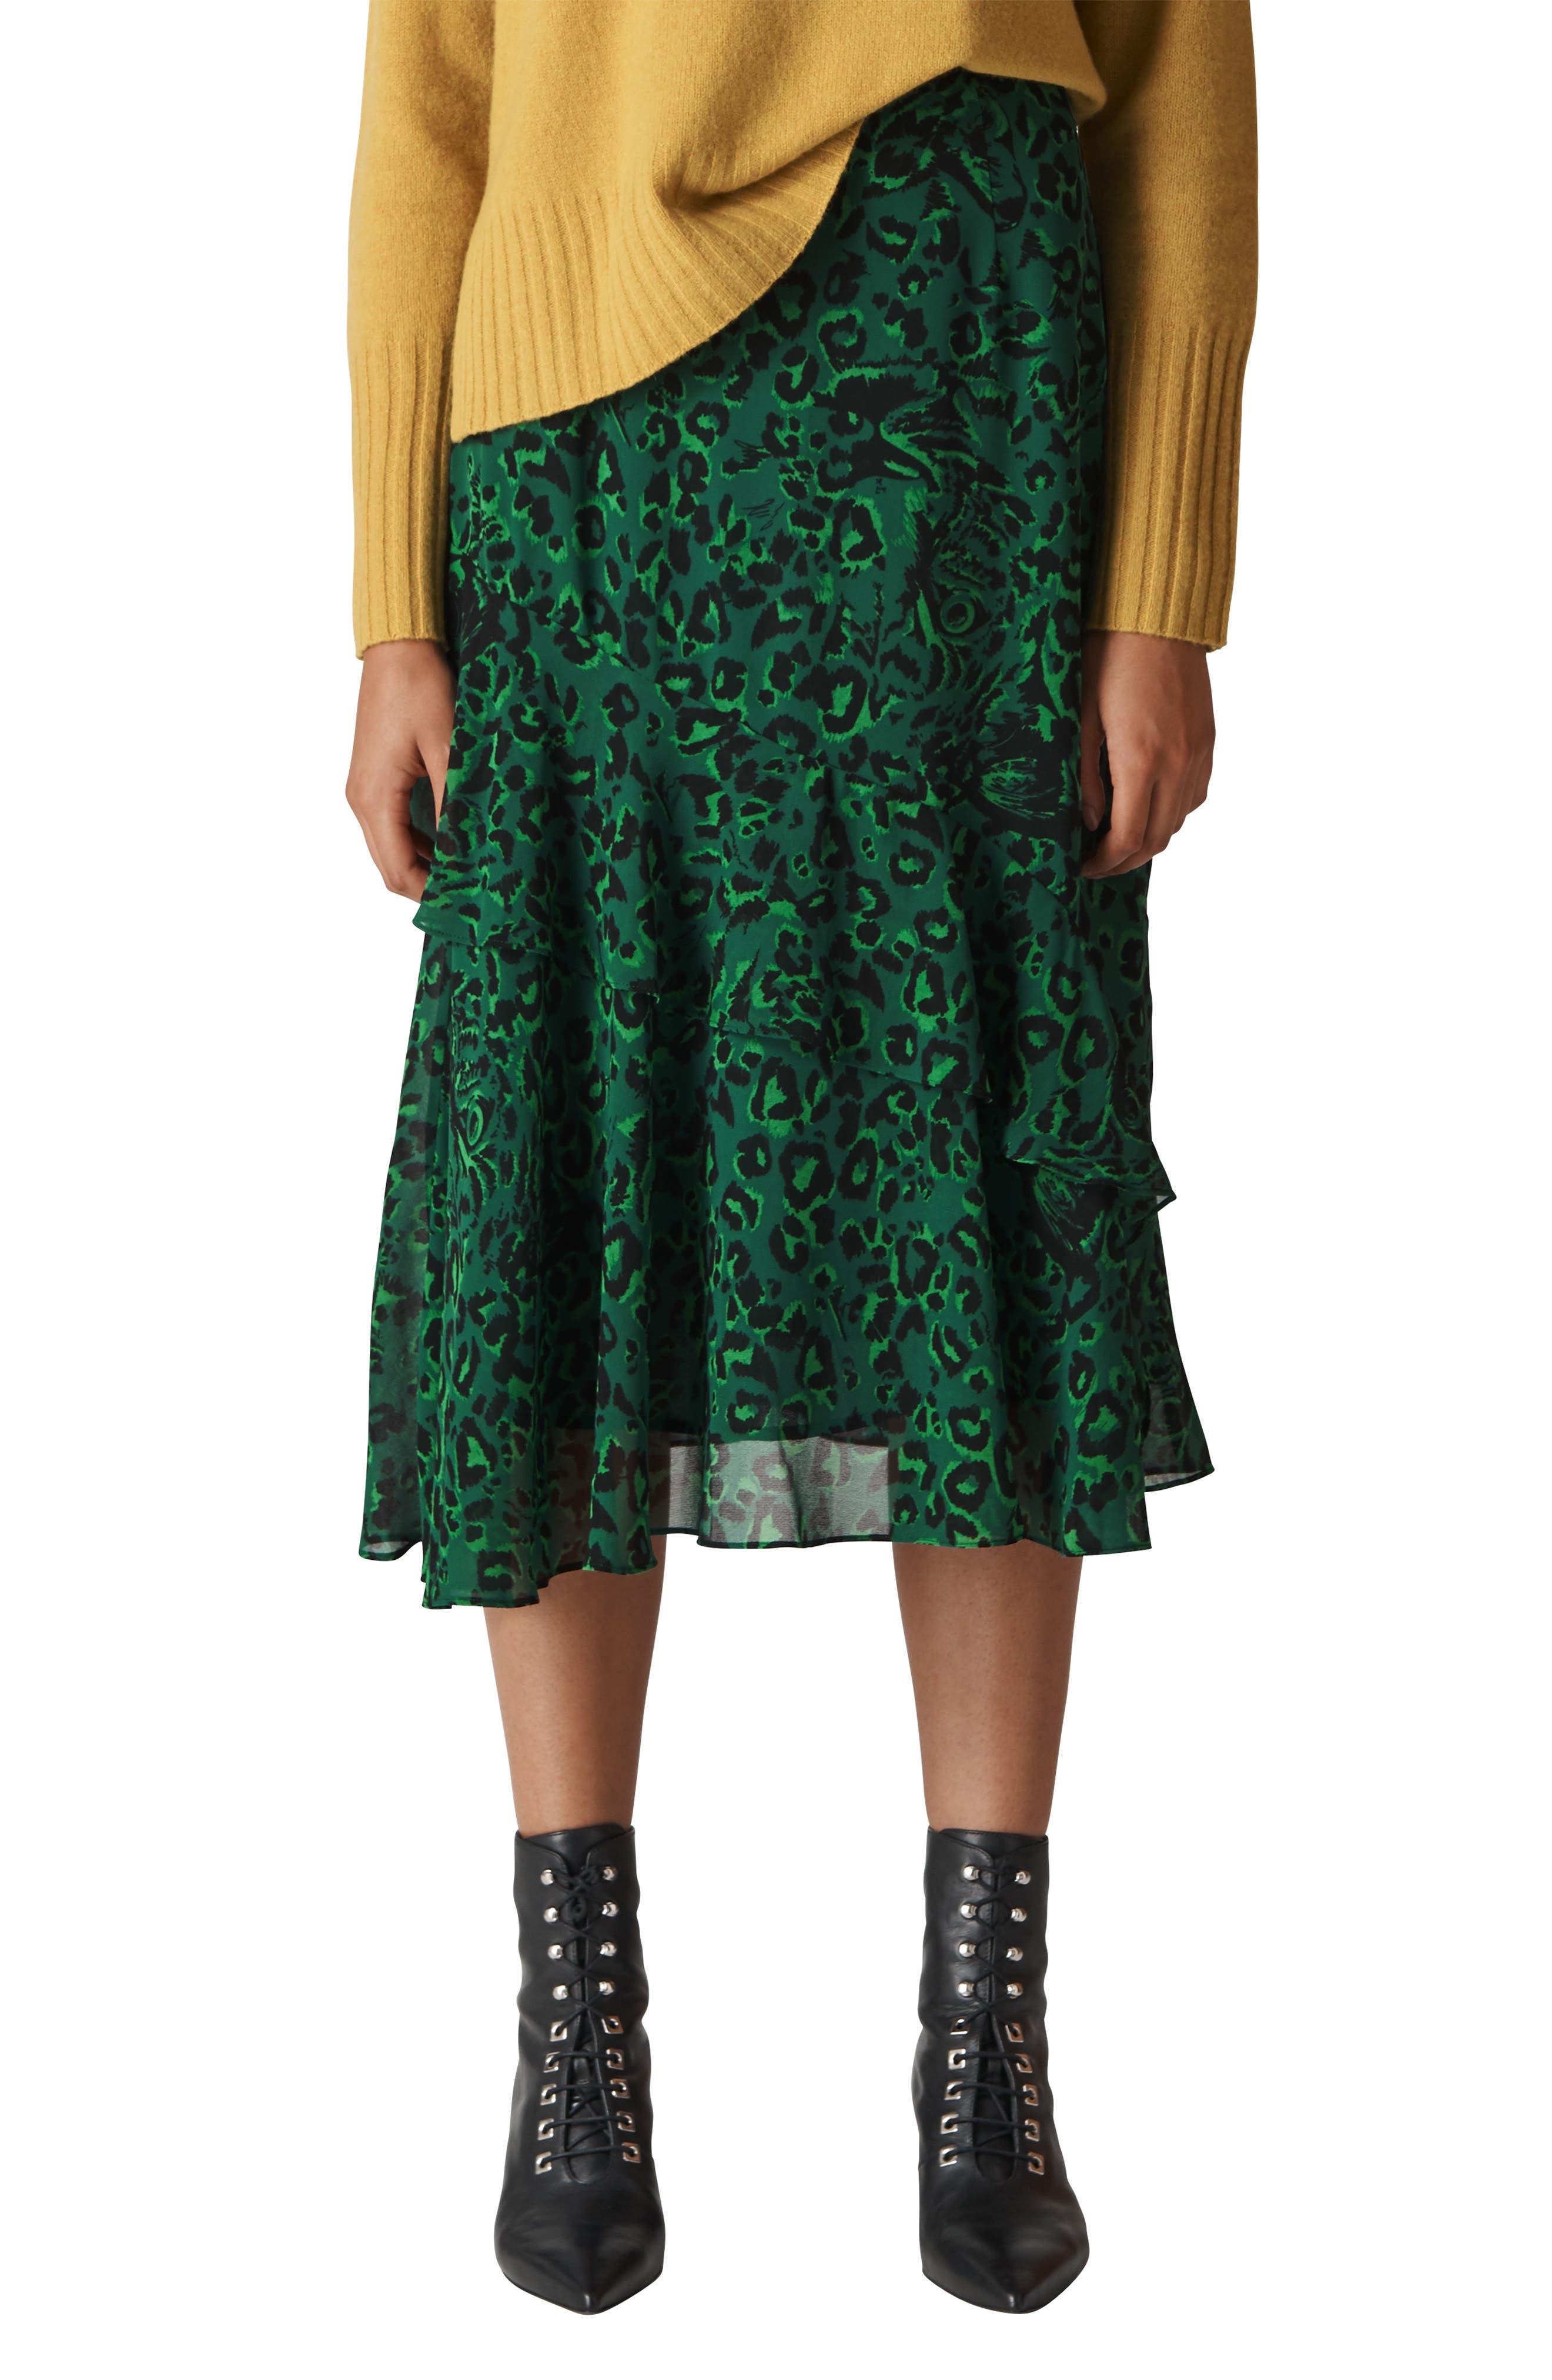 Jungle Cat Ruffle Skirt,                             Main thumbnail 1, color,                             GREEN/ MULTI